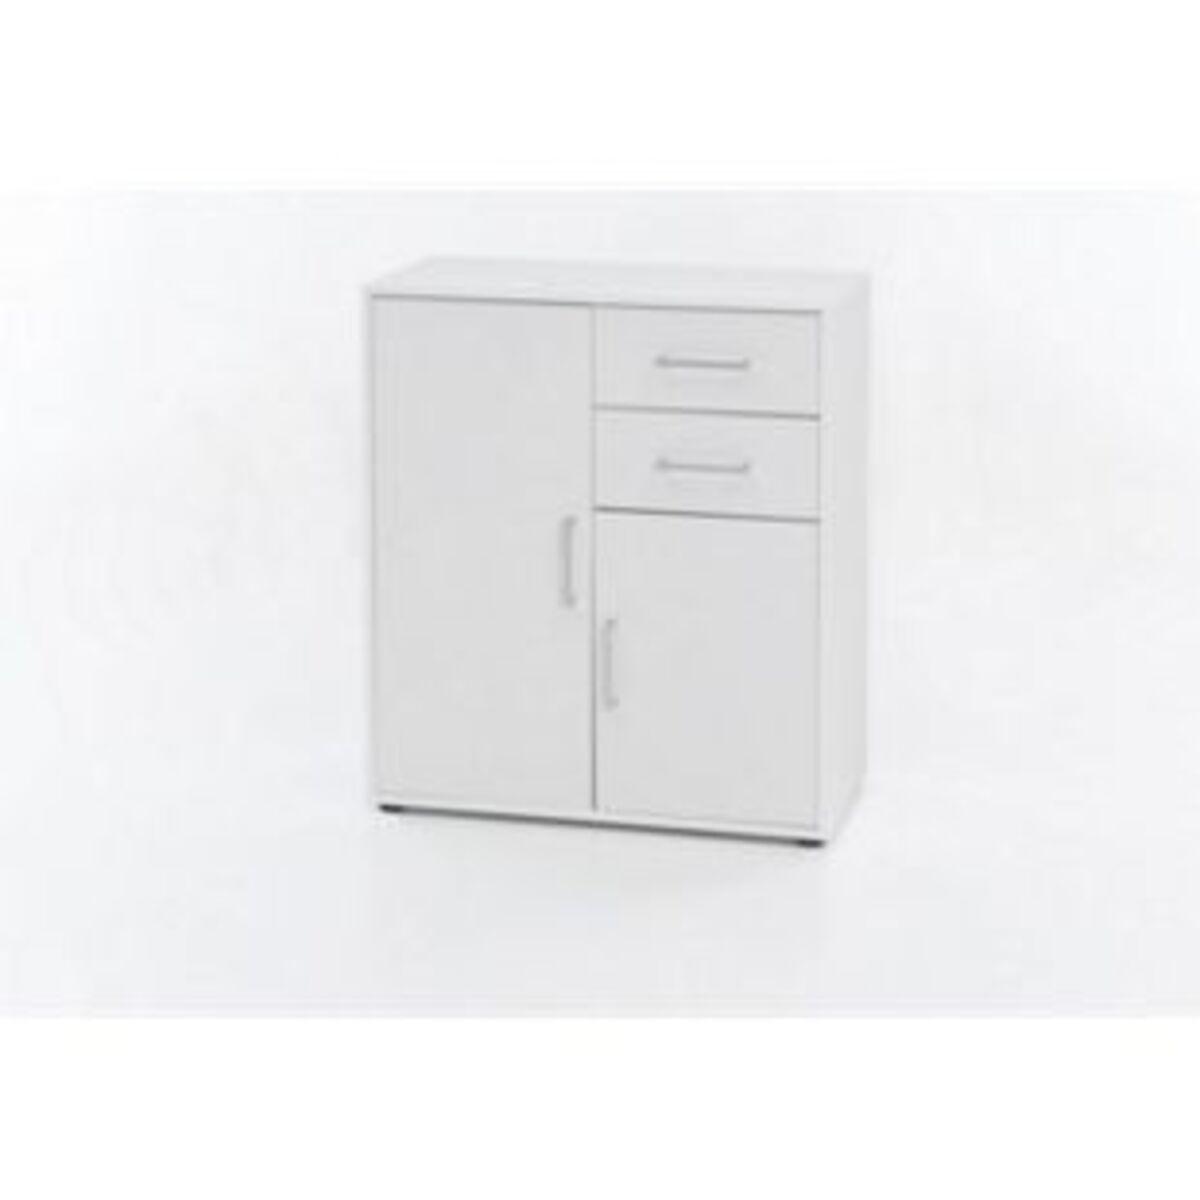 Bild 2 von Kommode mit 2 Türen und 2 Schubladen, Ausf. Melamin Weiß Dekor